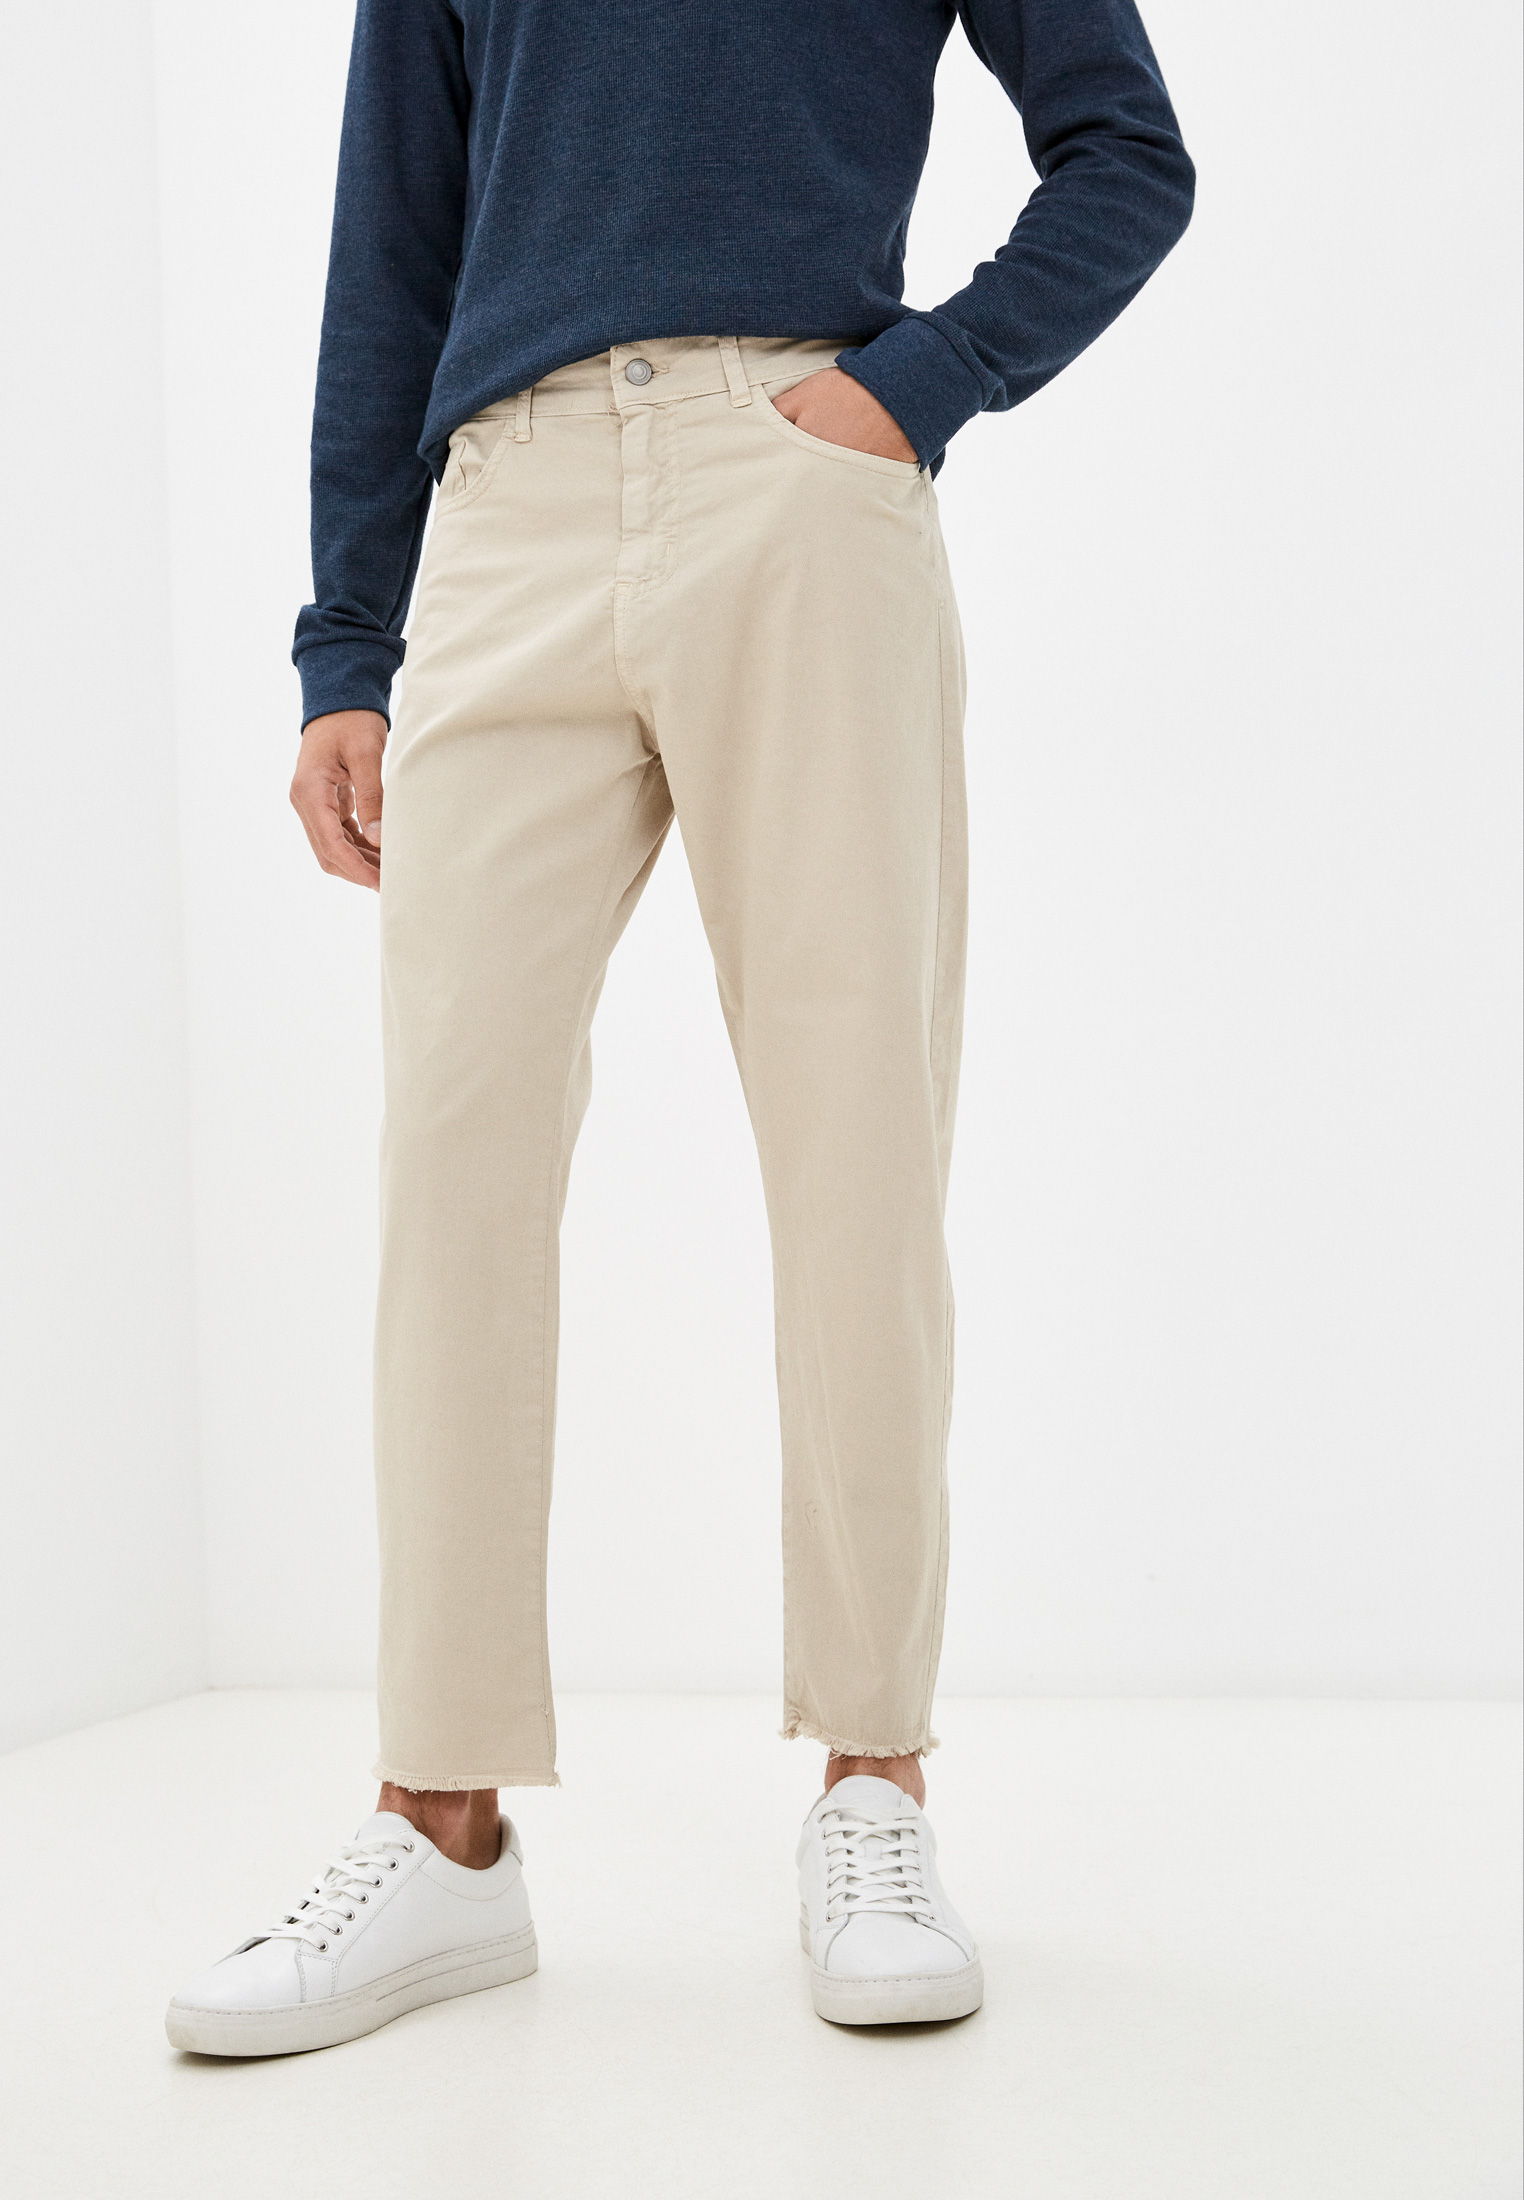 Мужские повседневные брюки Miguel Bharross Брюки Miguel Bharross